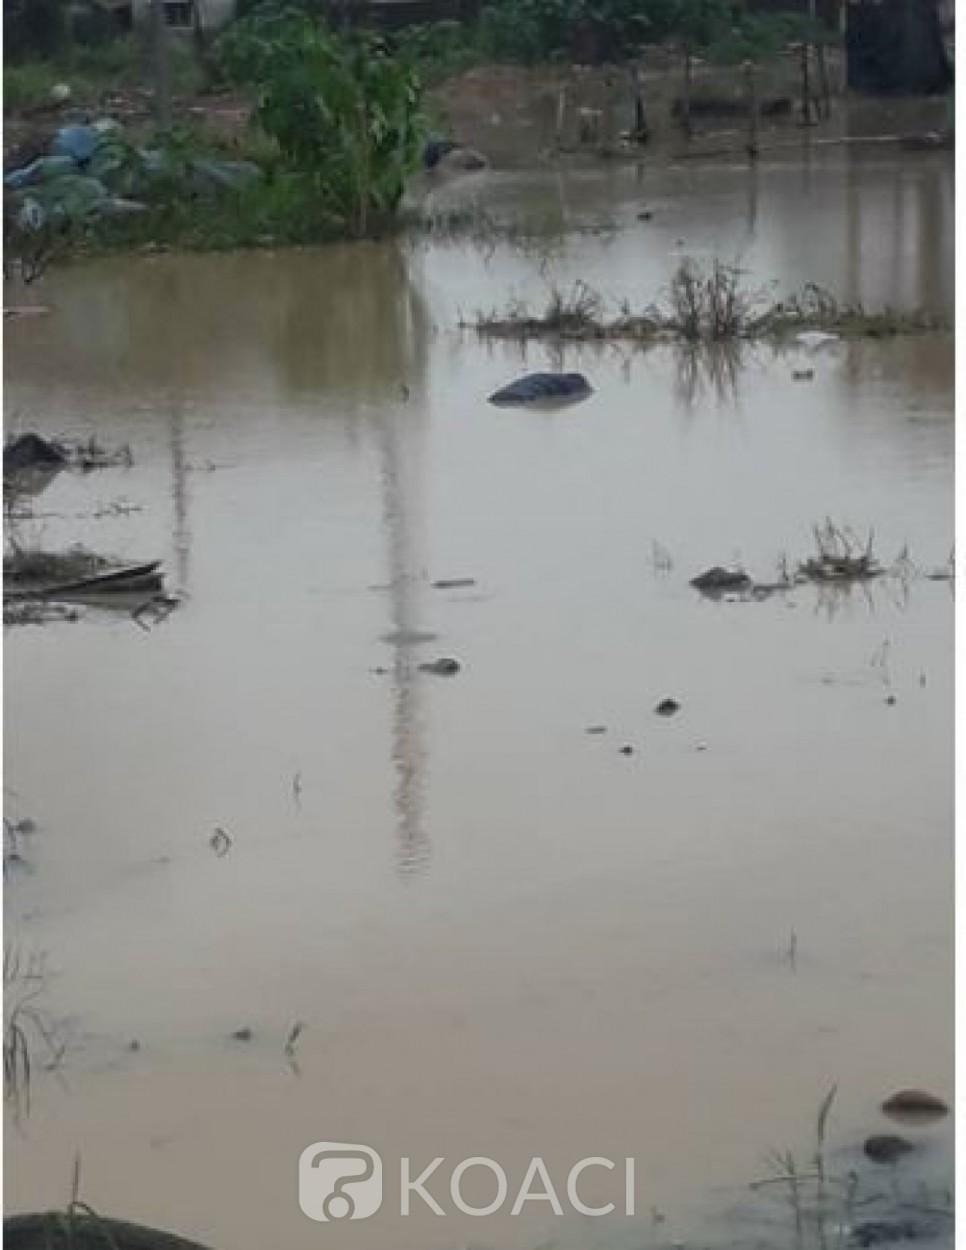 Côte d'Ivoire : Abobo-Gare, un corps retrouvé dans un bas-fond